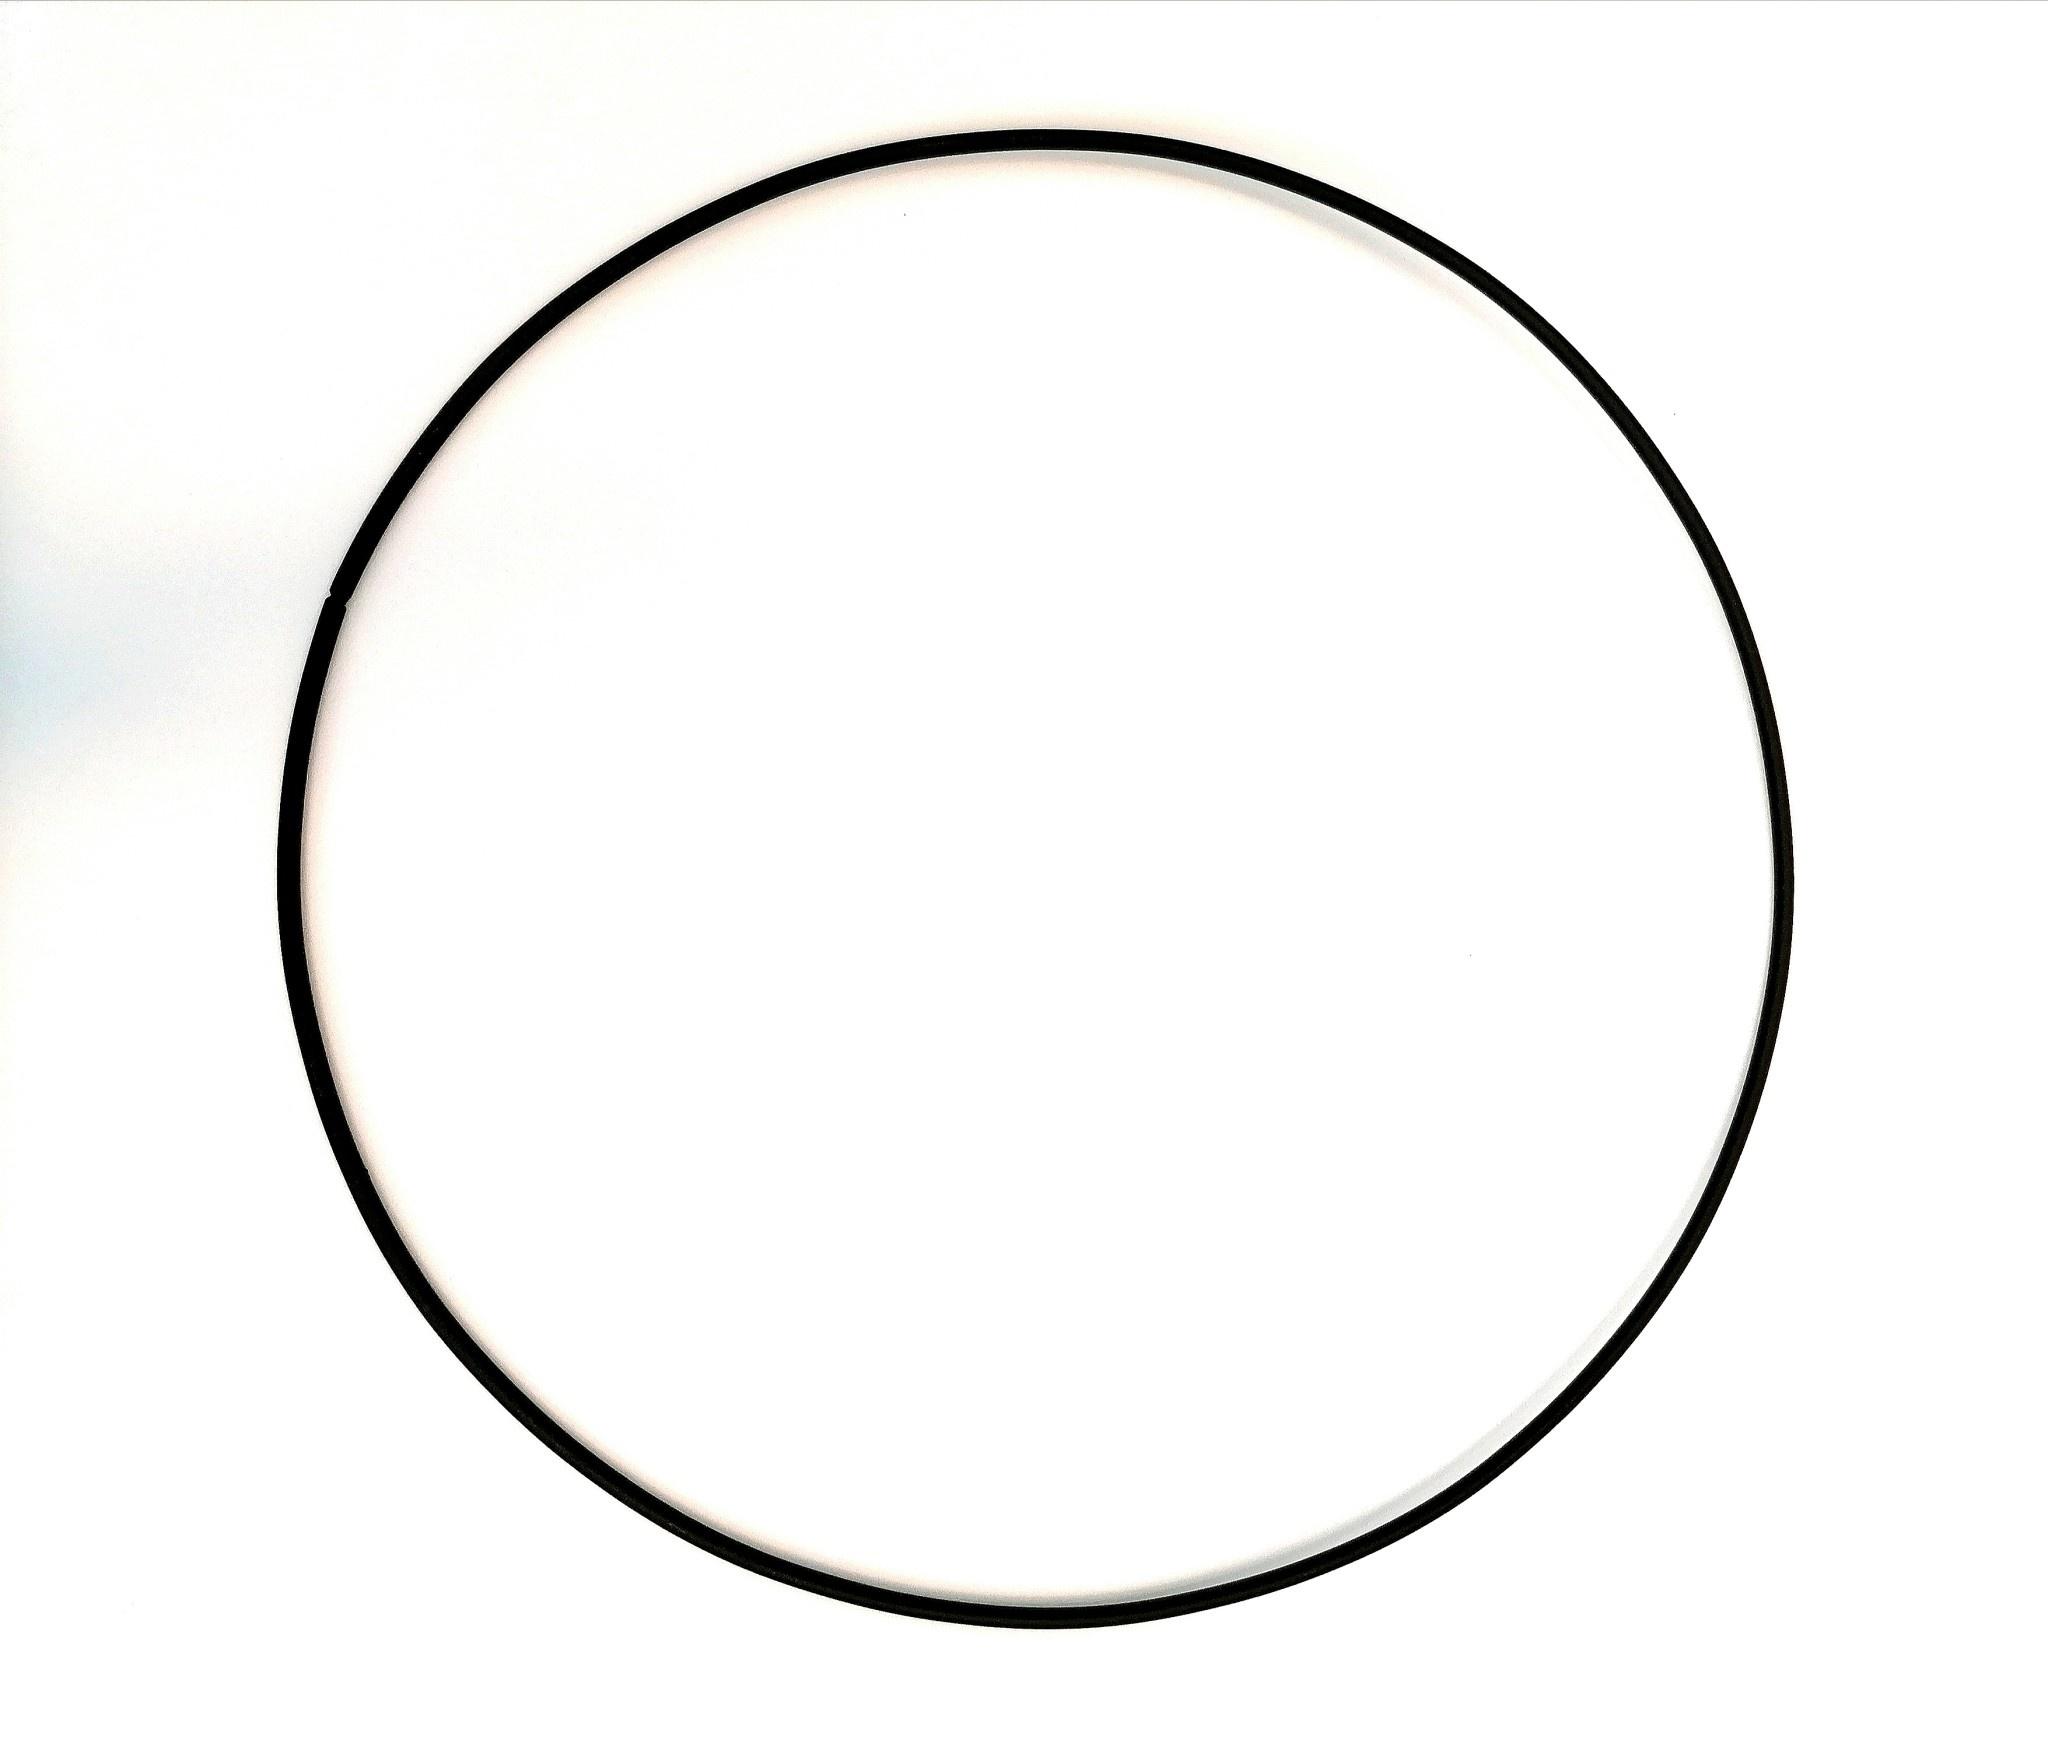 Hoepel Zwart - Medium-1